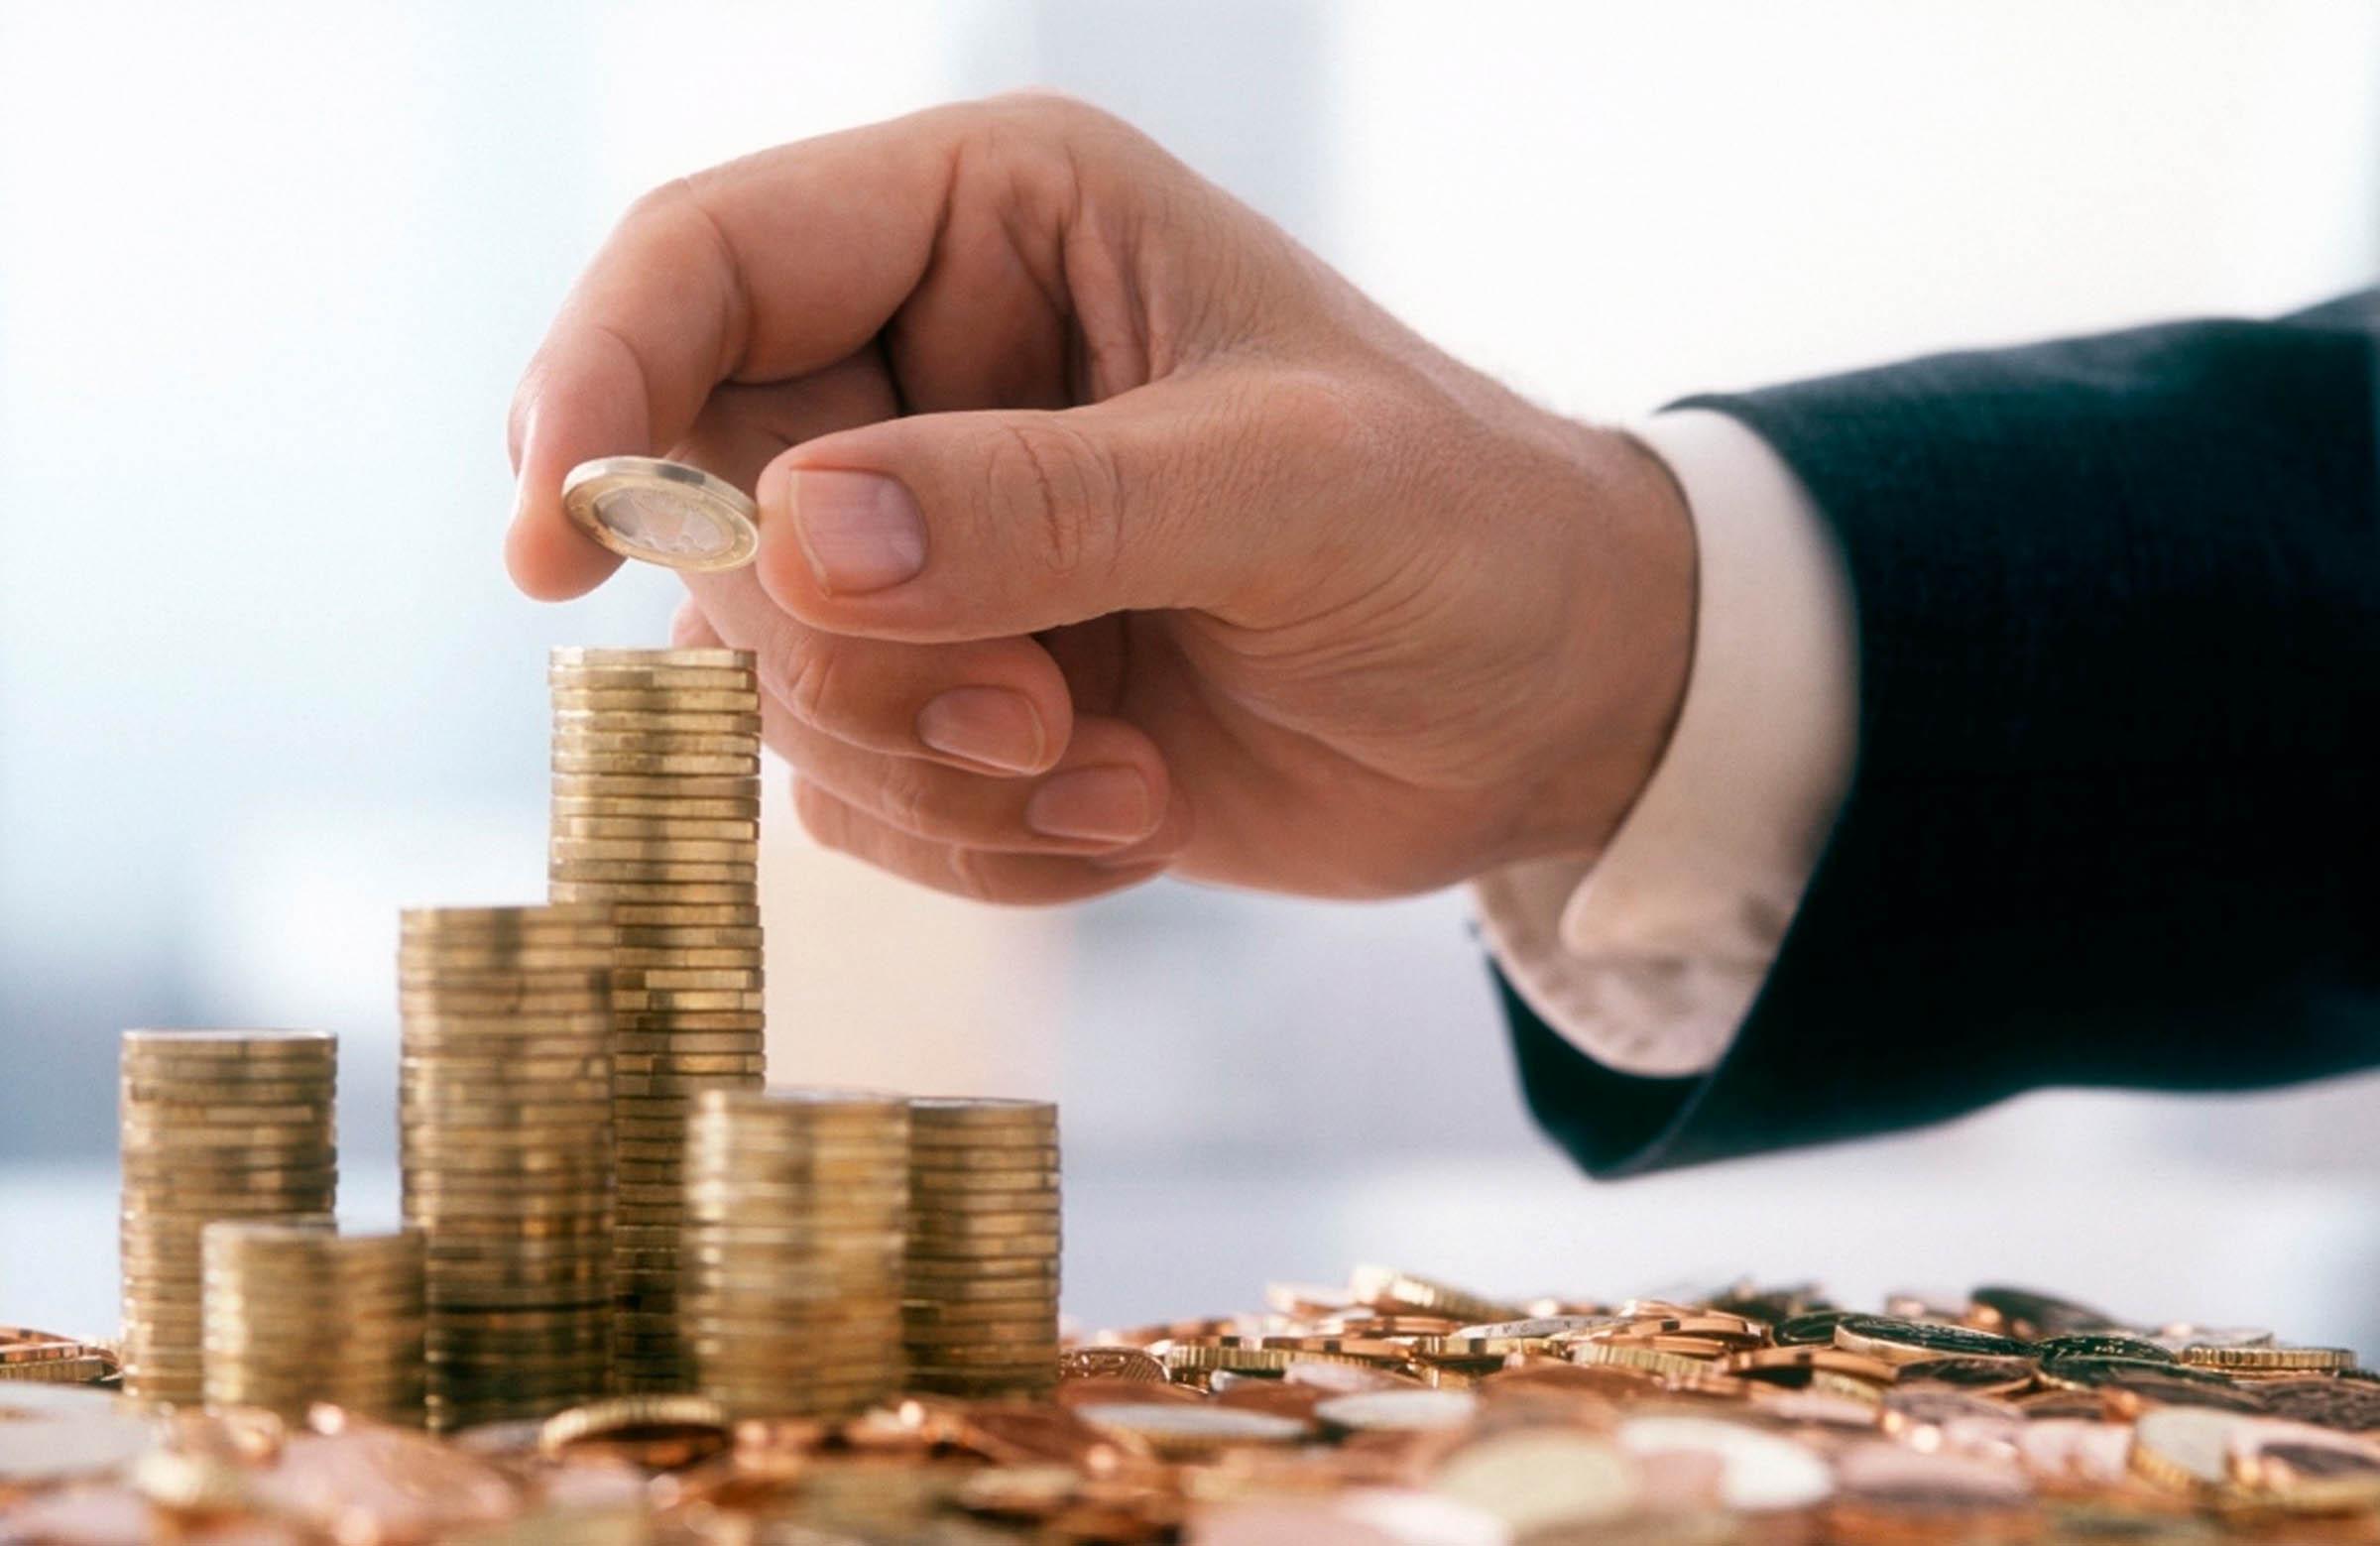 Какой вид бизнеса будет инвестироваться в 2021 году?